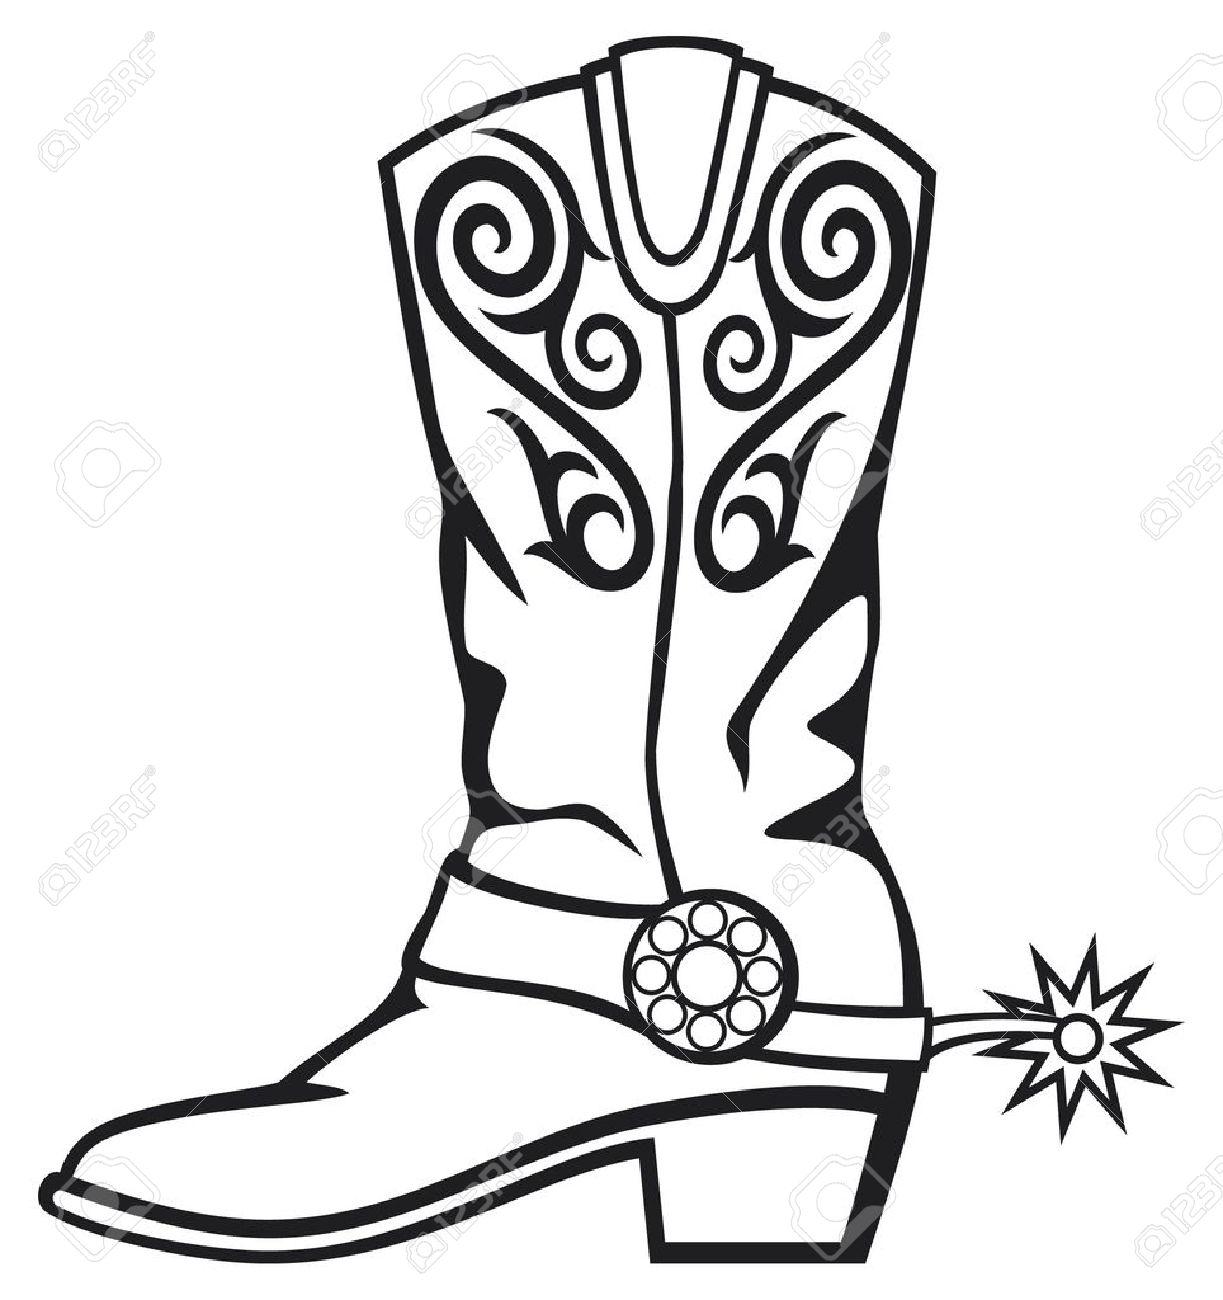 1223x1300 Cowboy Boots Clip Art Many Interesting Cliparts